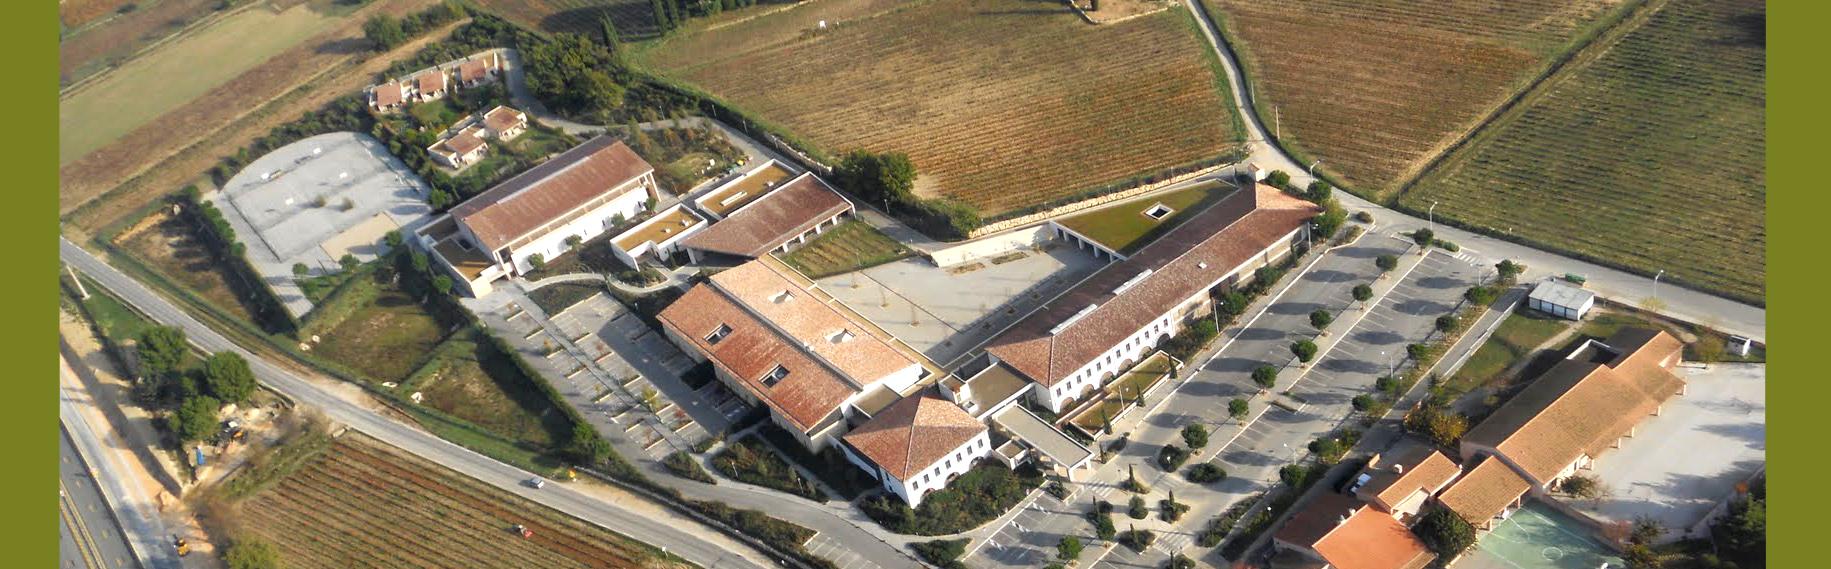 collège le plan du castellet